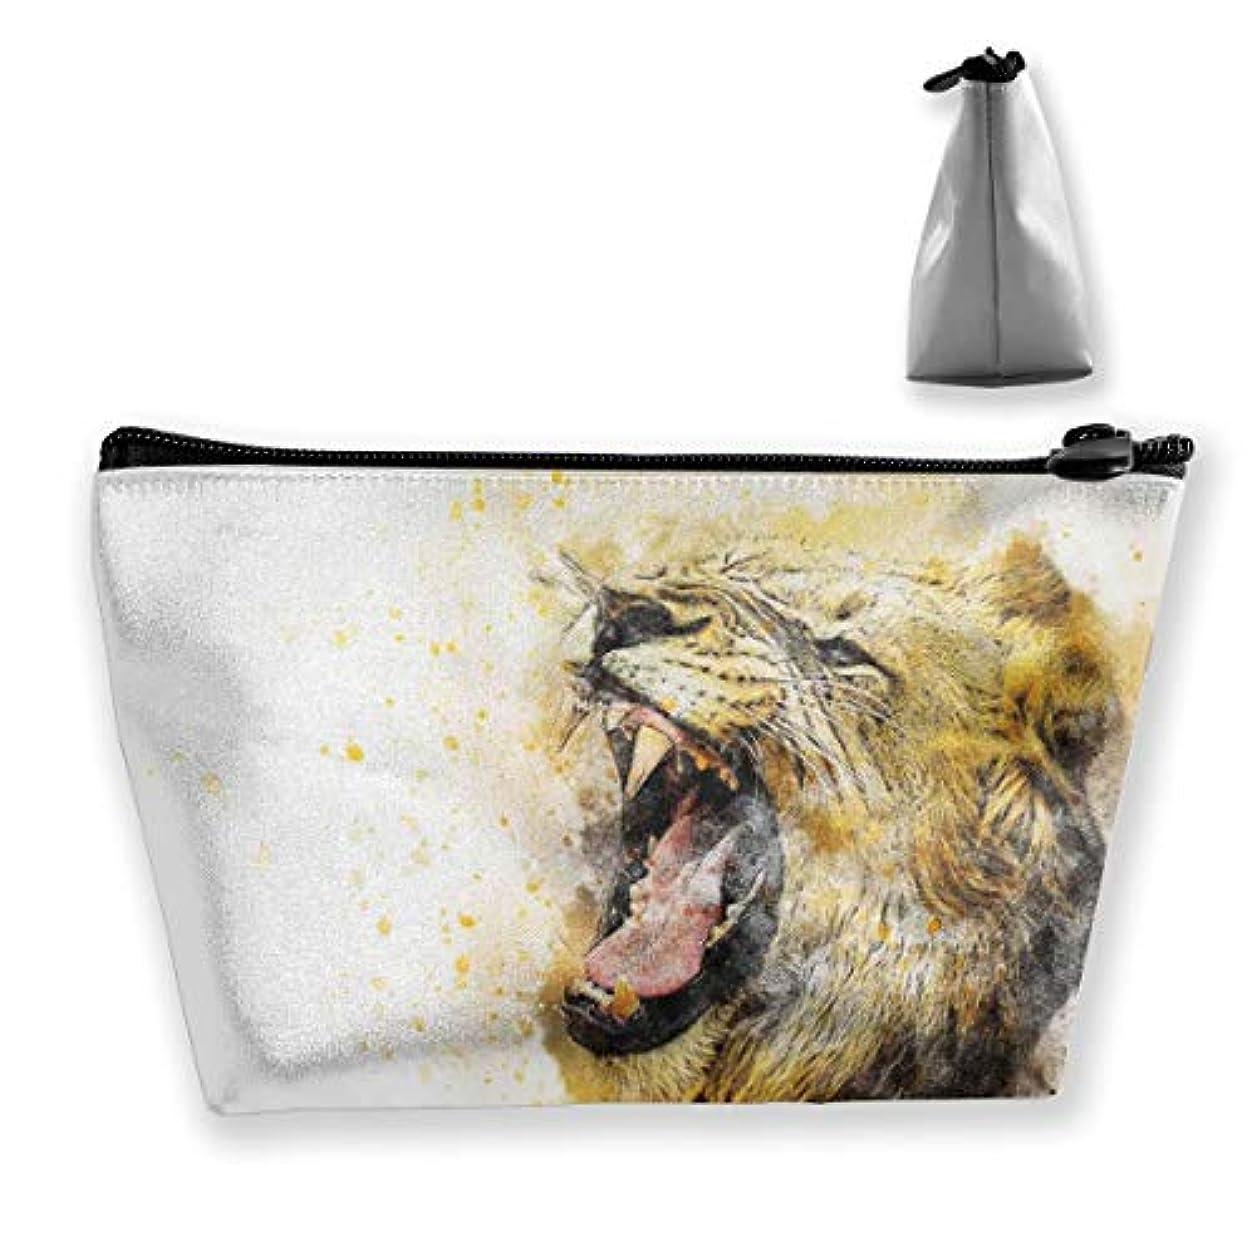 アンビエント虐待ミシン目Joycego 抽象的な水彩画のライオン 化粧品袋の携帯用旅行構造の袋の洗面用品の主催者